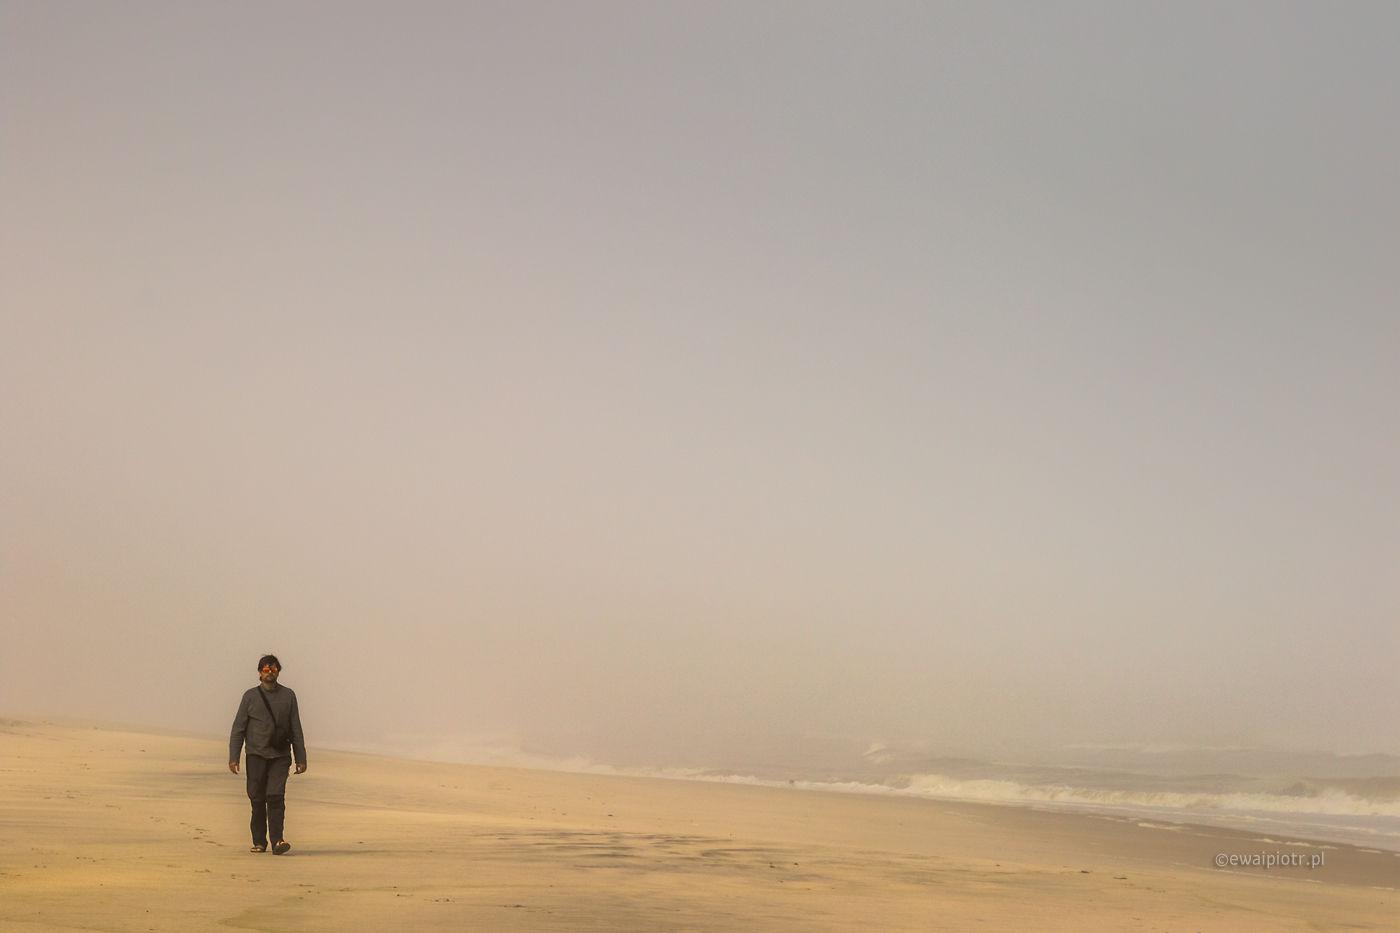 Człowiek we mgle, Namibia, pustka, przestrzeń negatywna, plaża